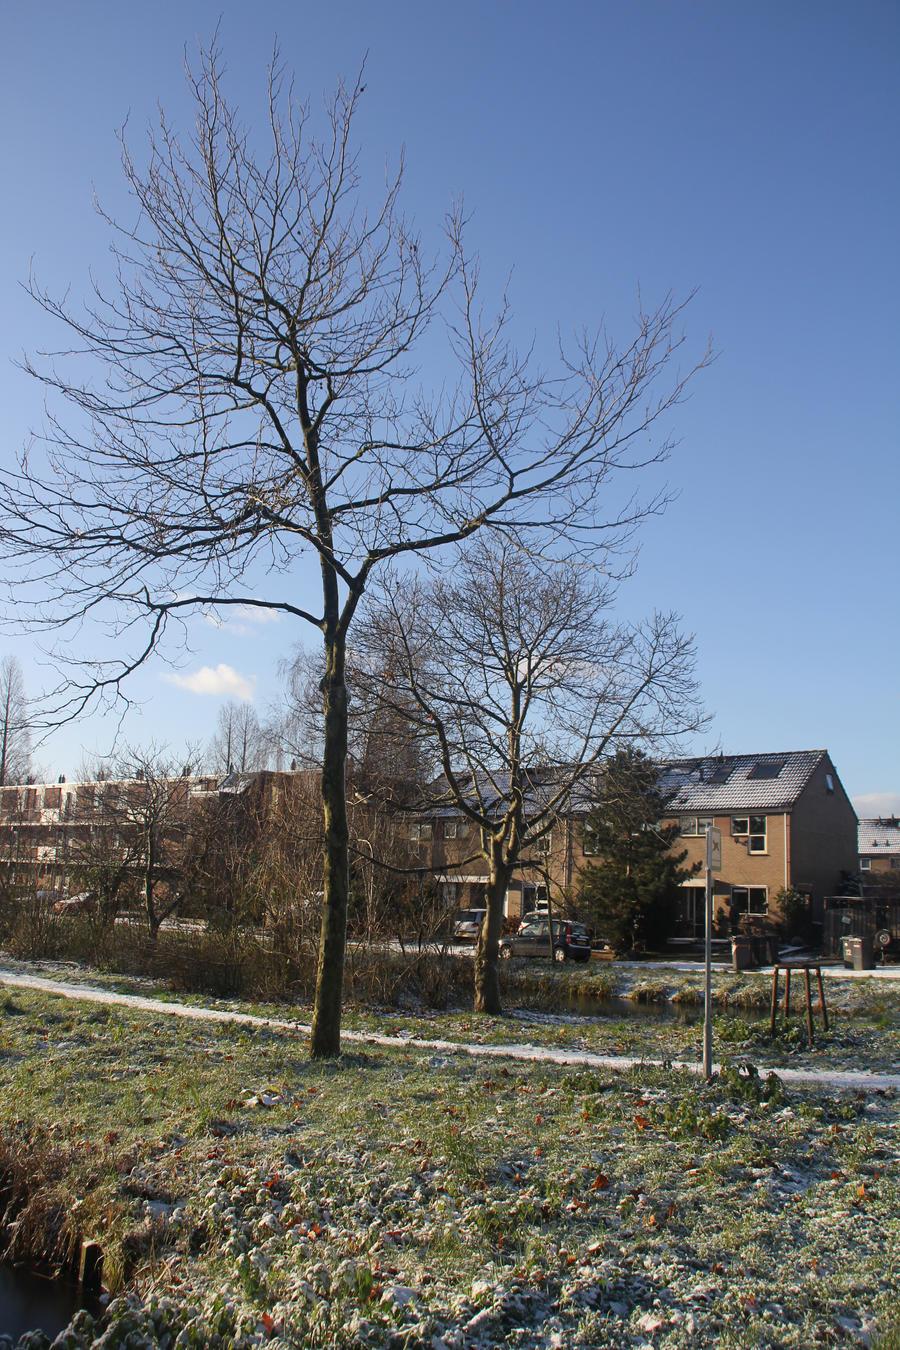 12-12-06 Winter Wonderland 2 by Herdervriend